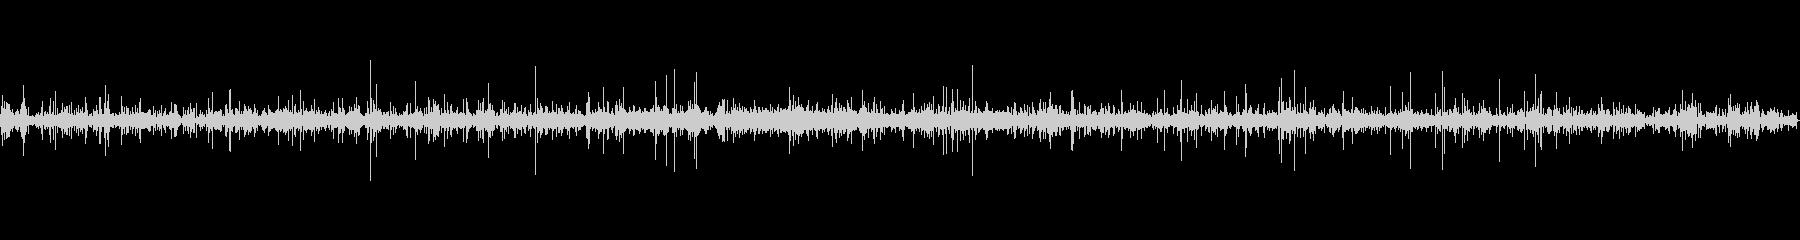 里山の小川の流れの環境音サンプリング素材の未再生の波形